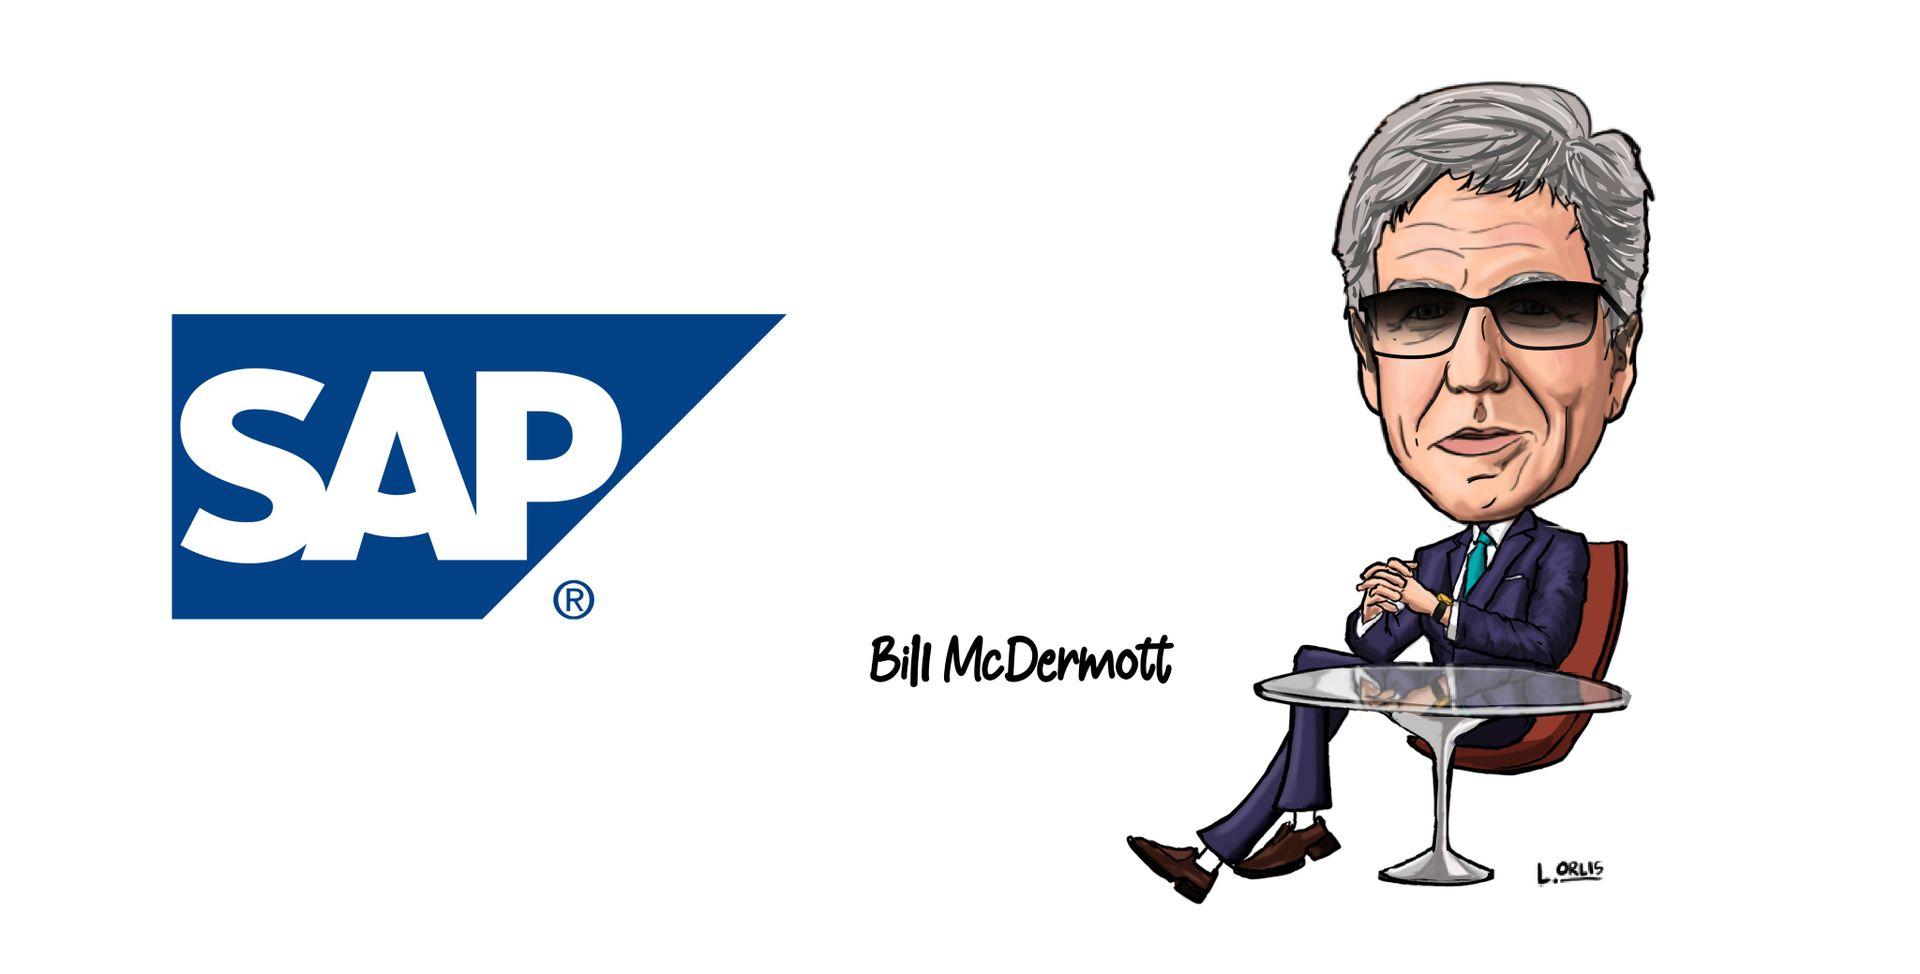 cartoon of bill mcdermott, ceo of sap